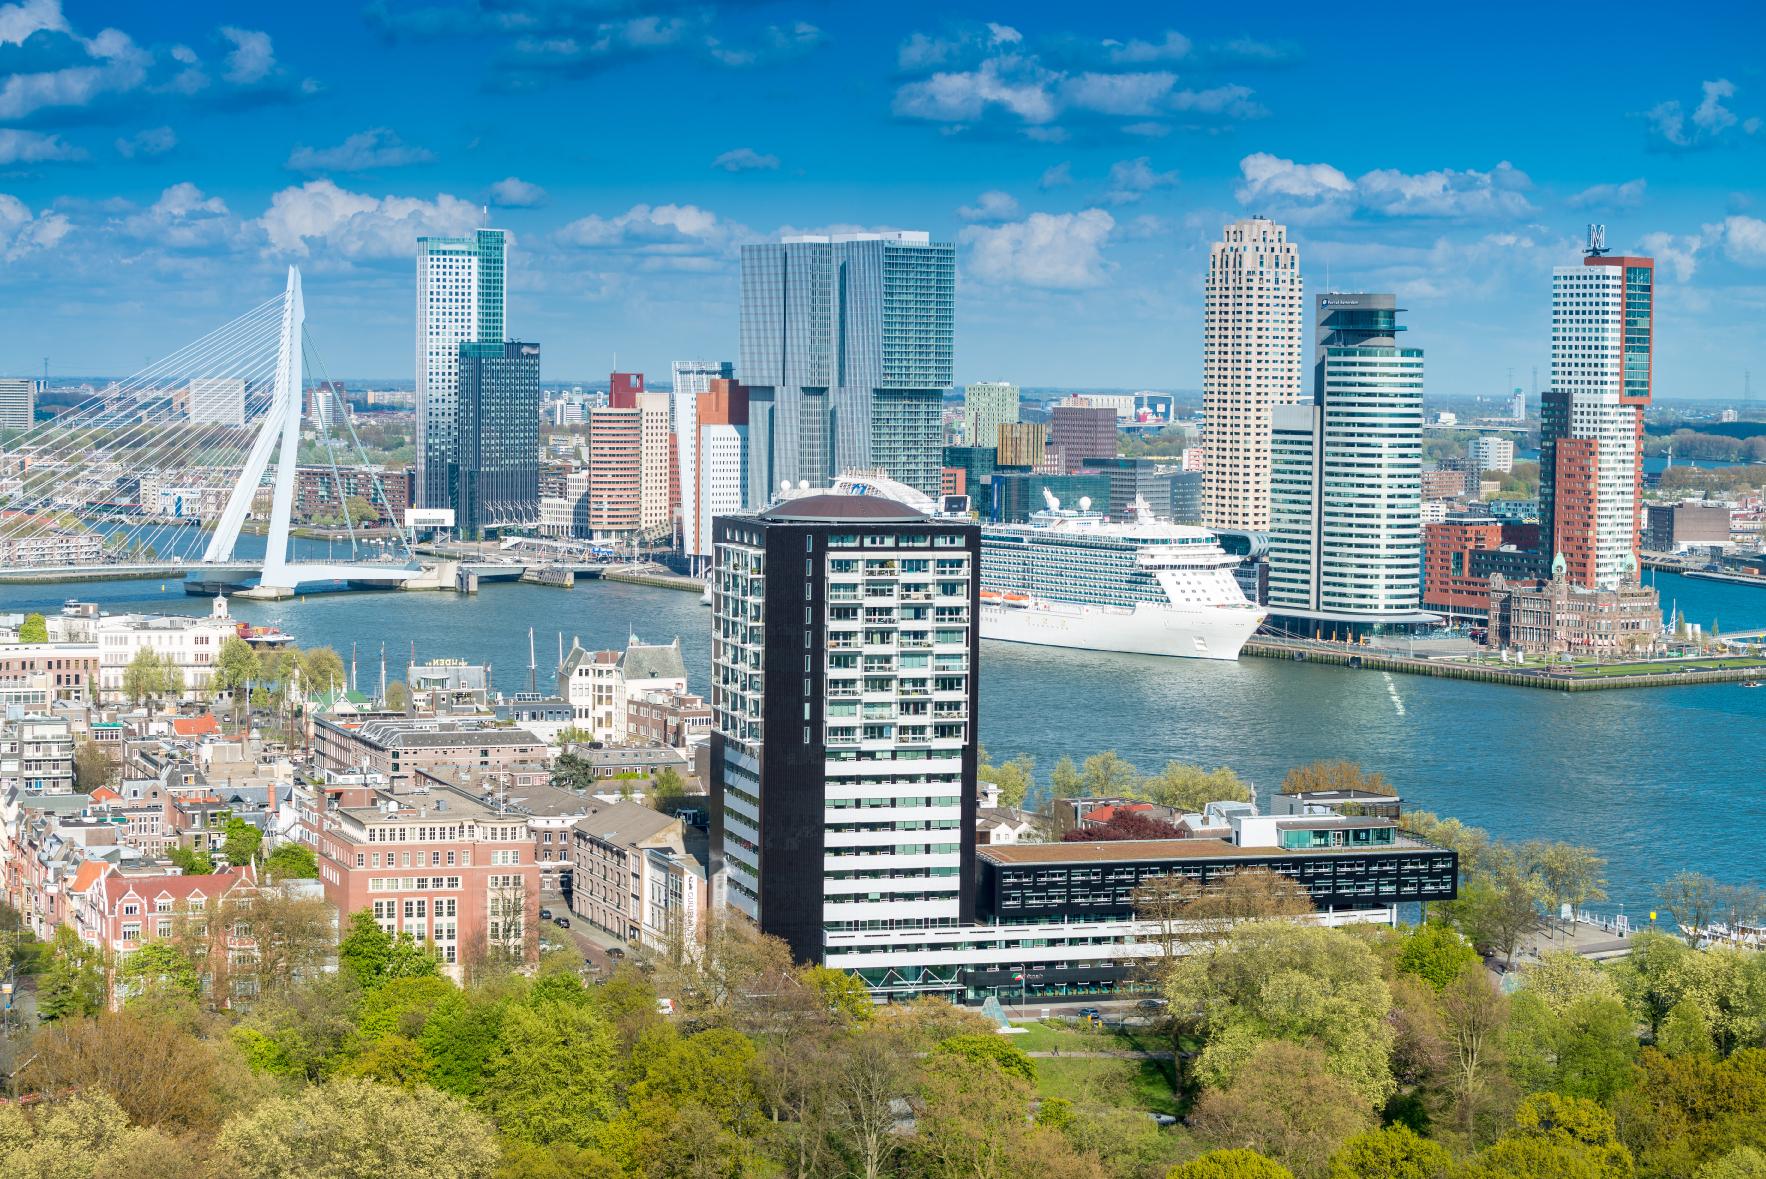 Tunderman Netherlands B.V.